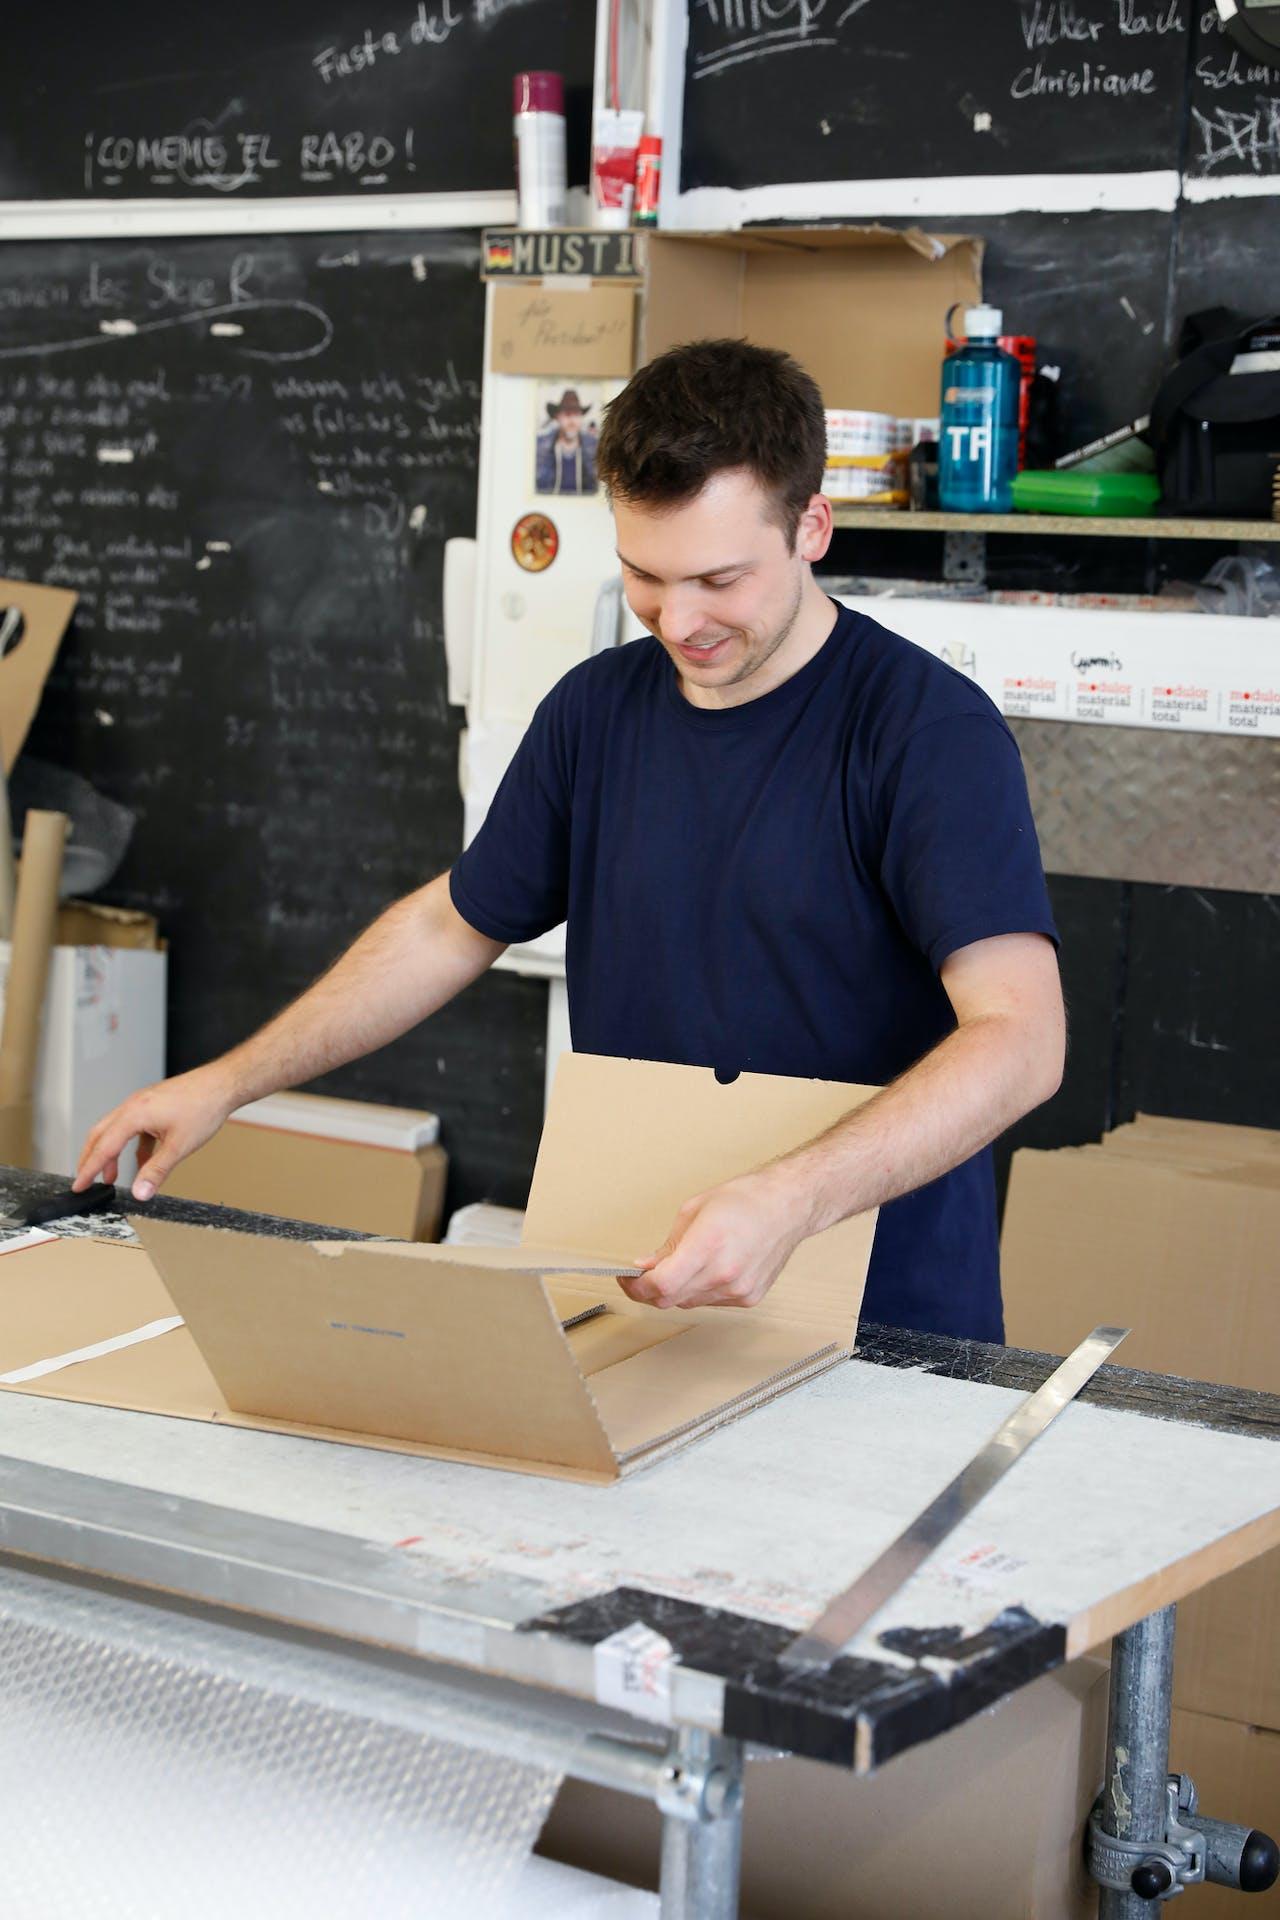 Modulor Logistik am Moritzplatz: Mitarbeiter Tim beim Verpacken der Ware